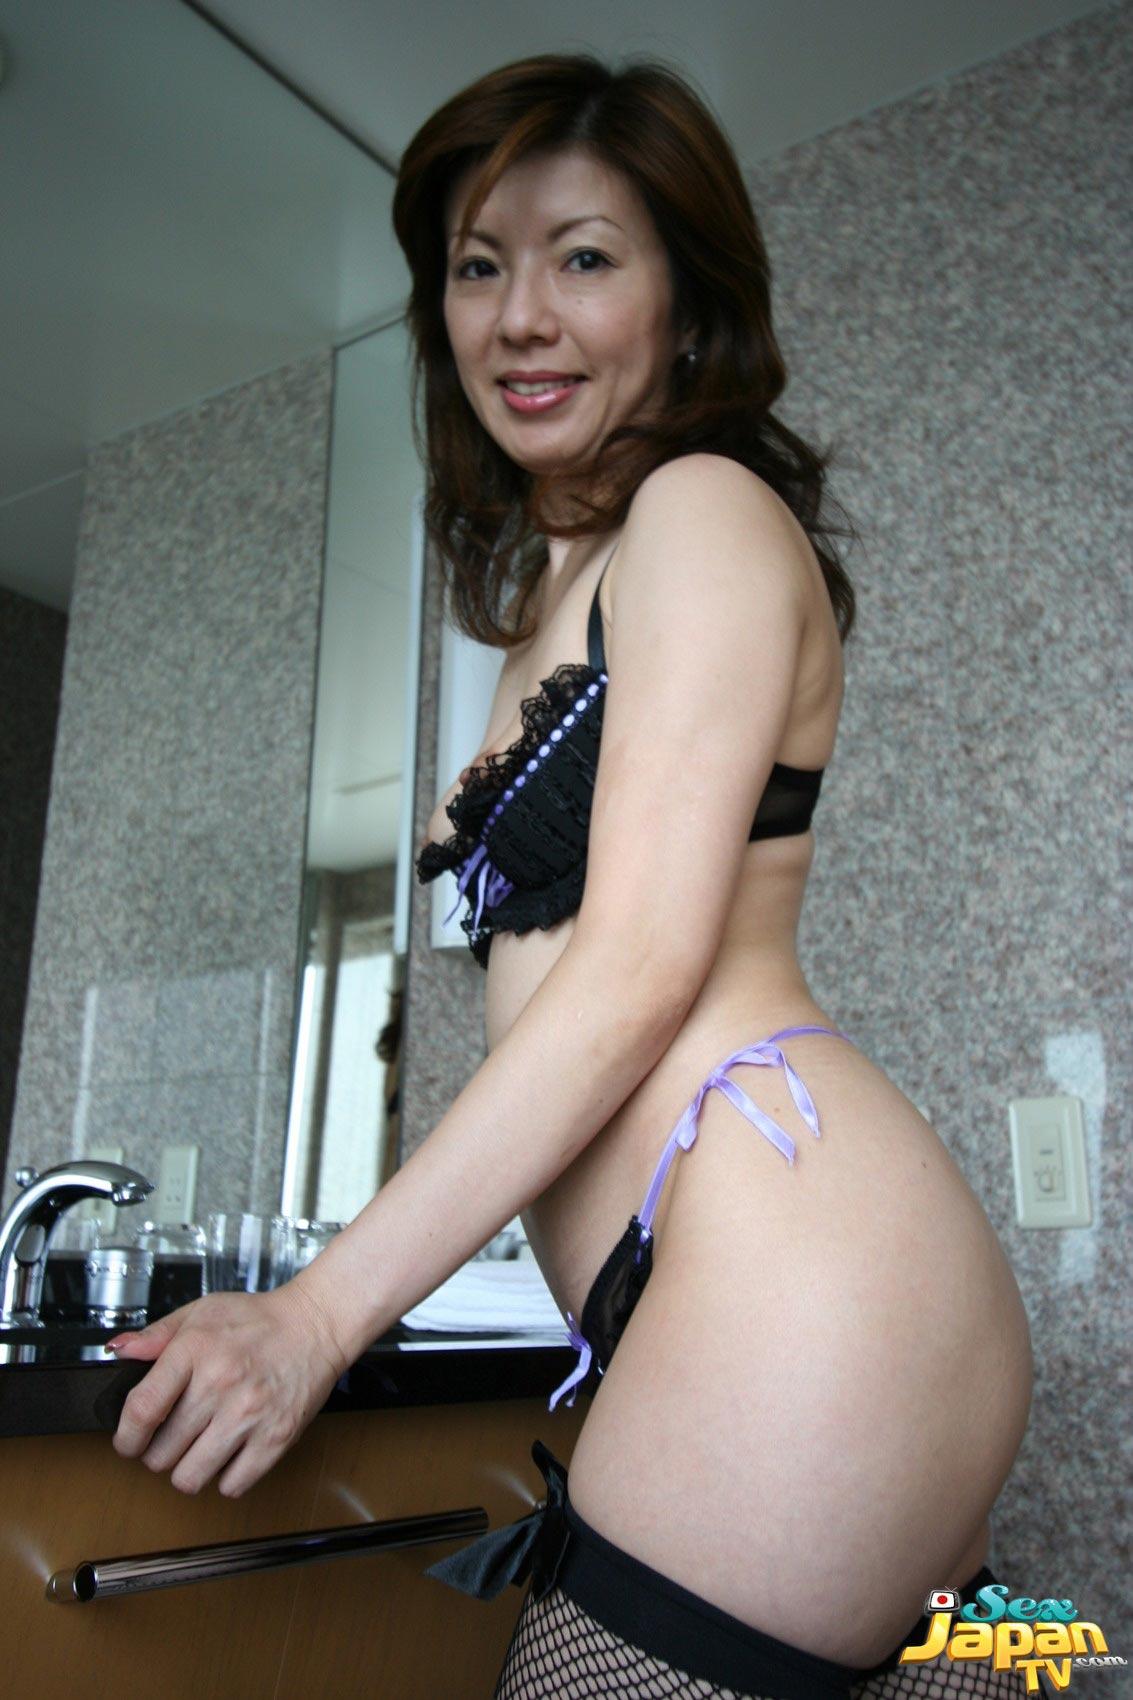 xxx tube 3gp Hitomi tanaka public japan